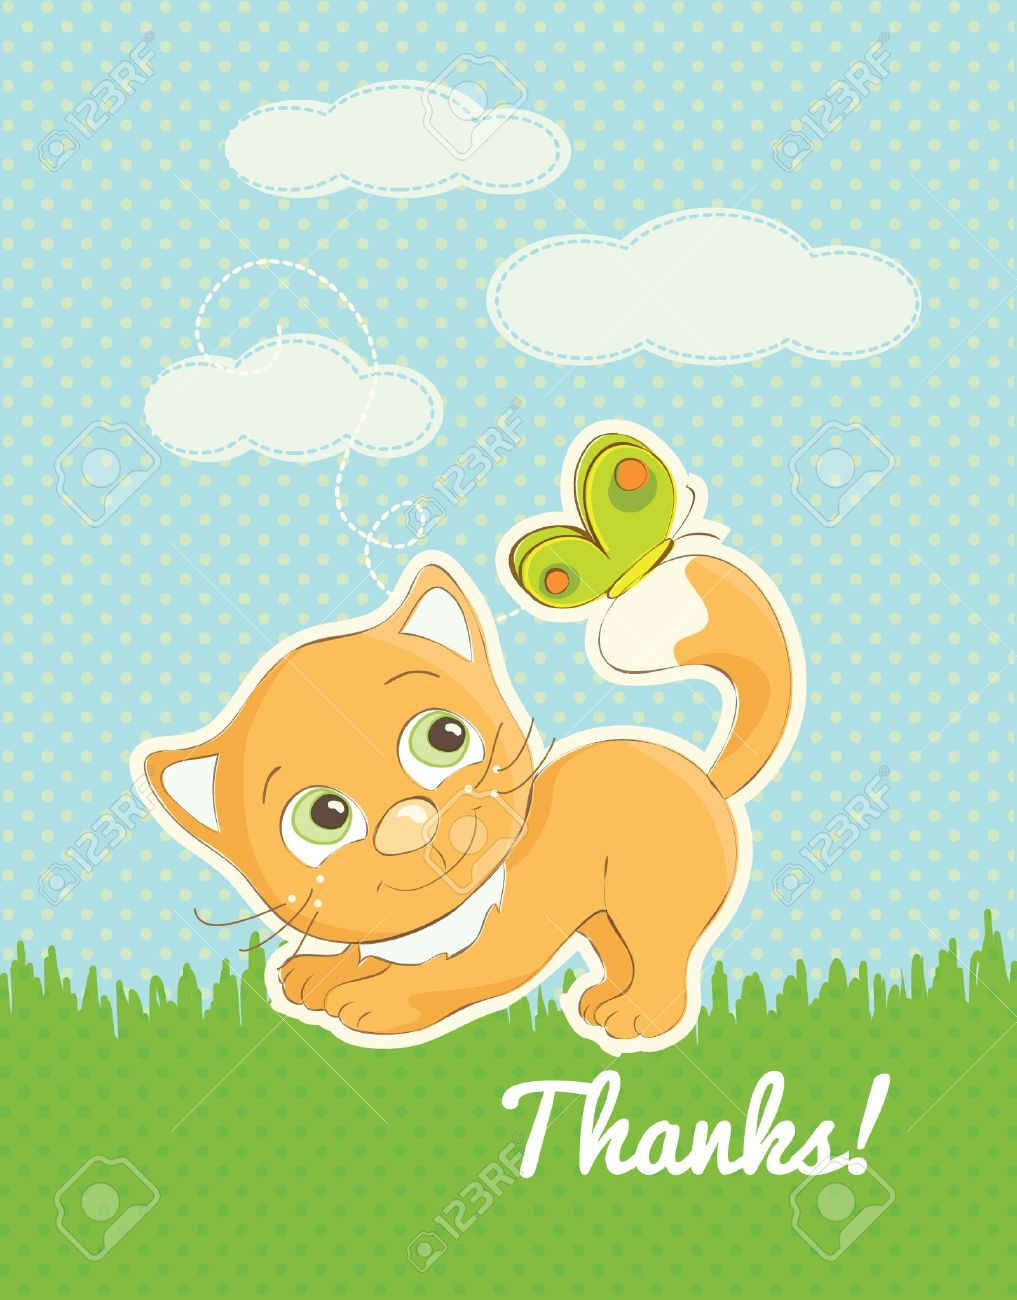 かわいい猫のイラストありがとうカード ロイヤリティフリークリップ